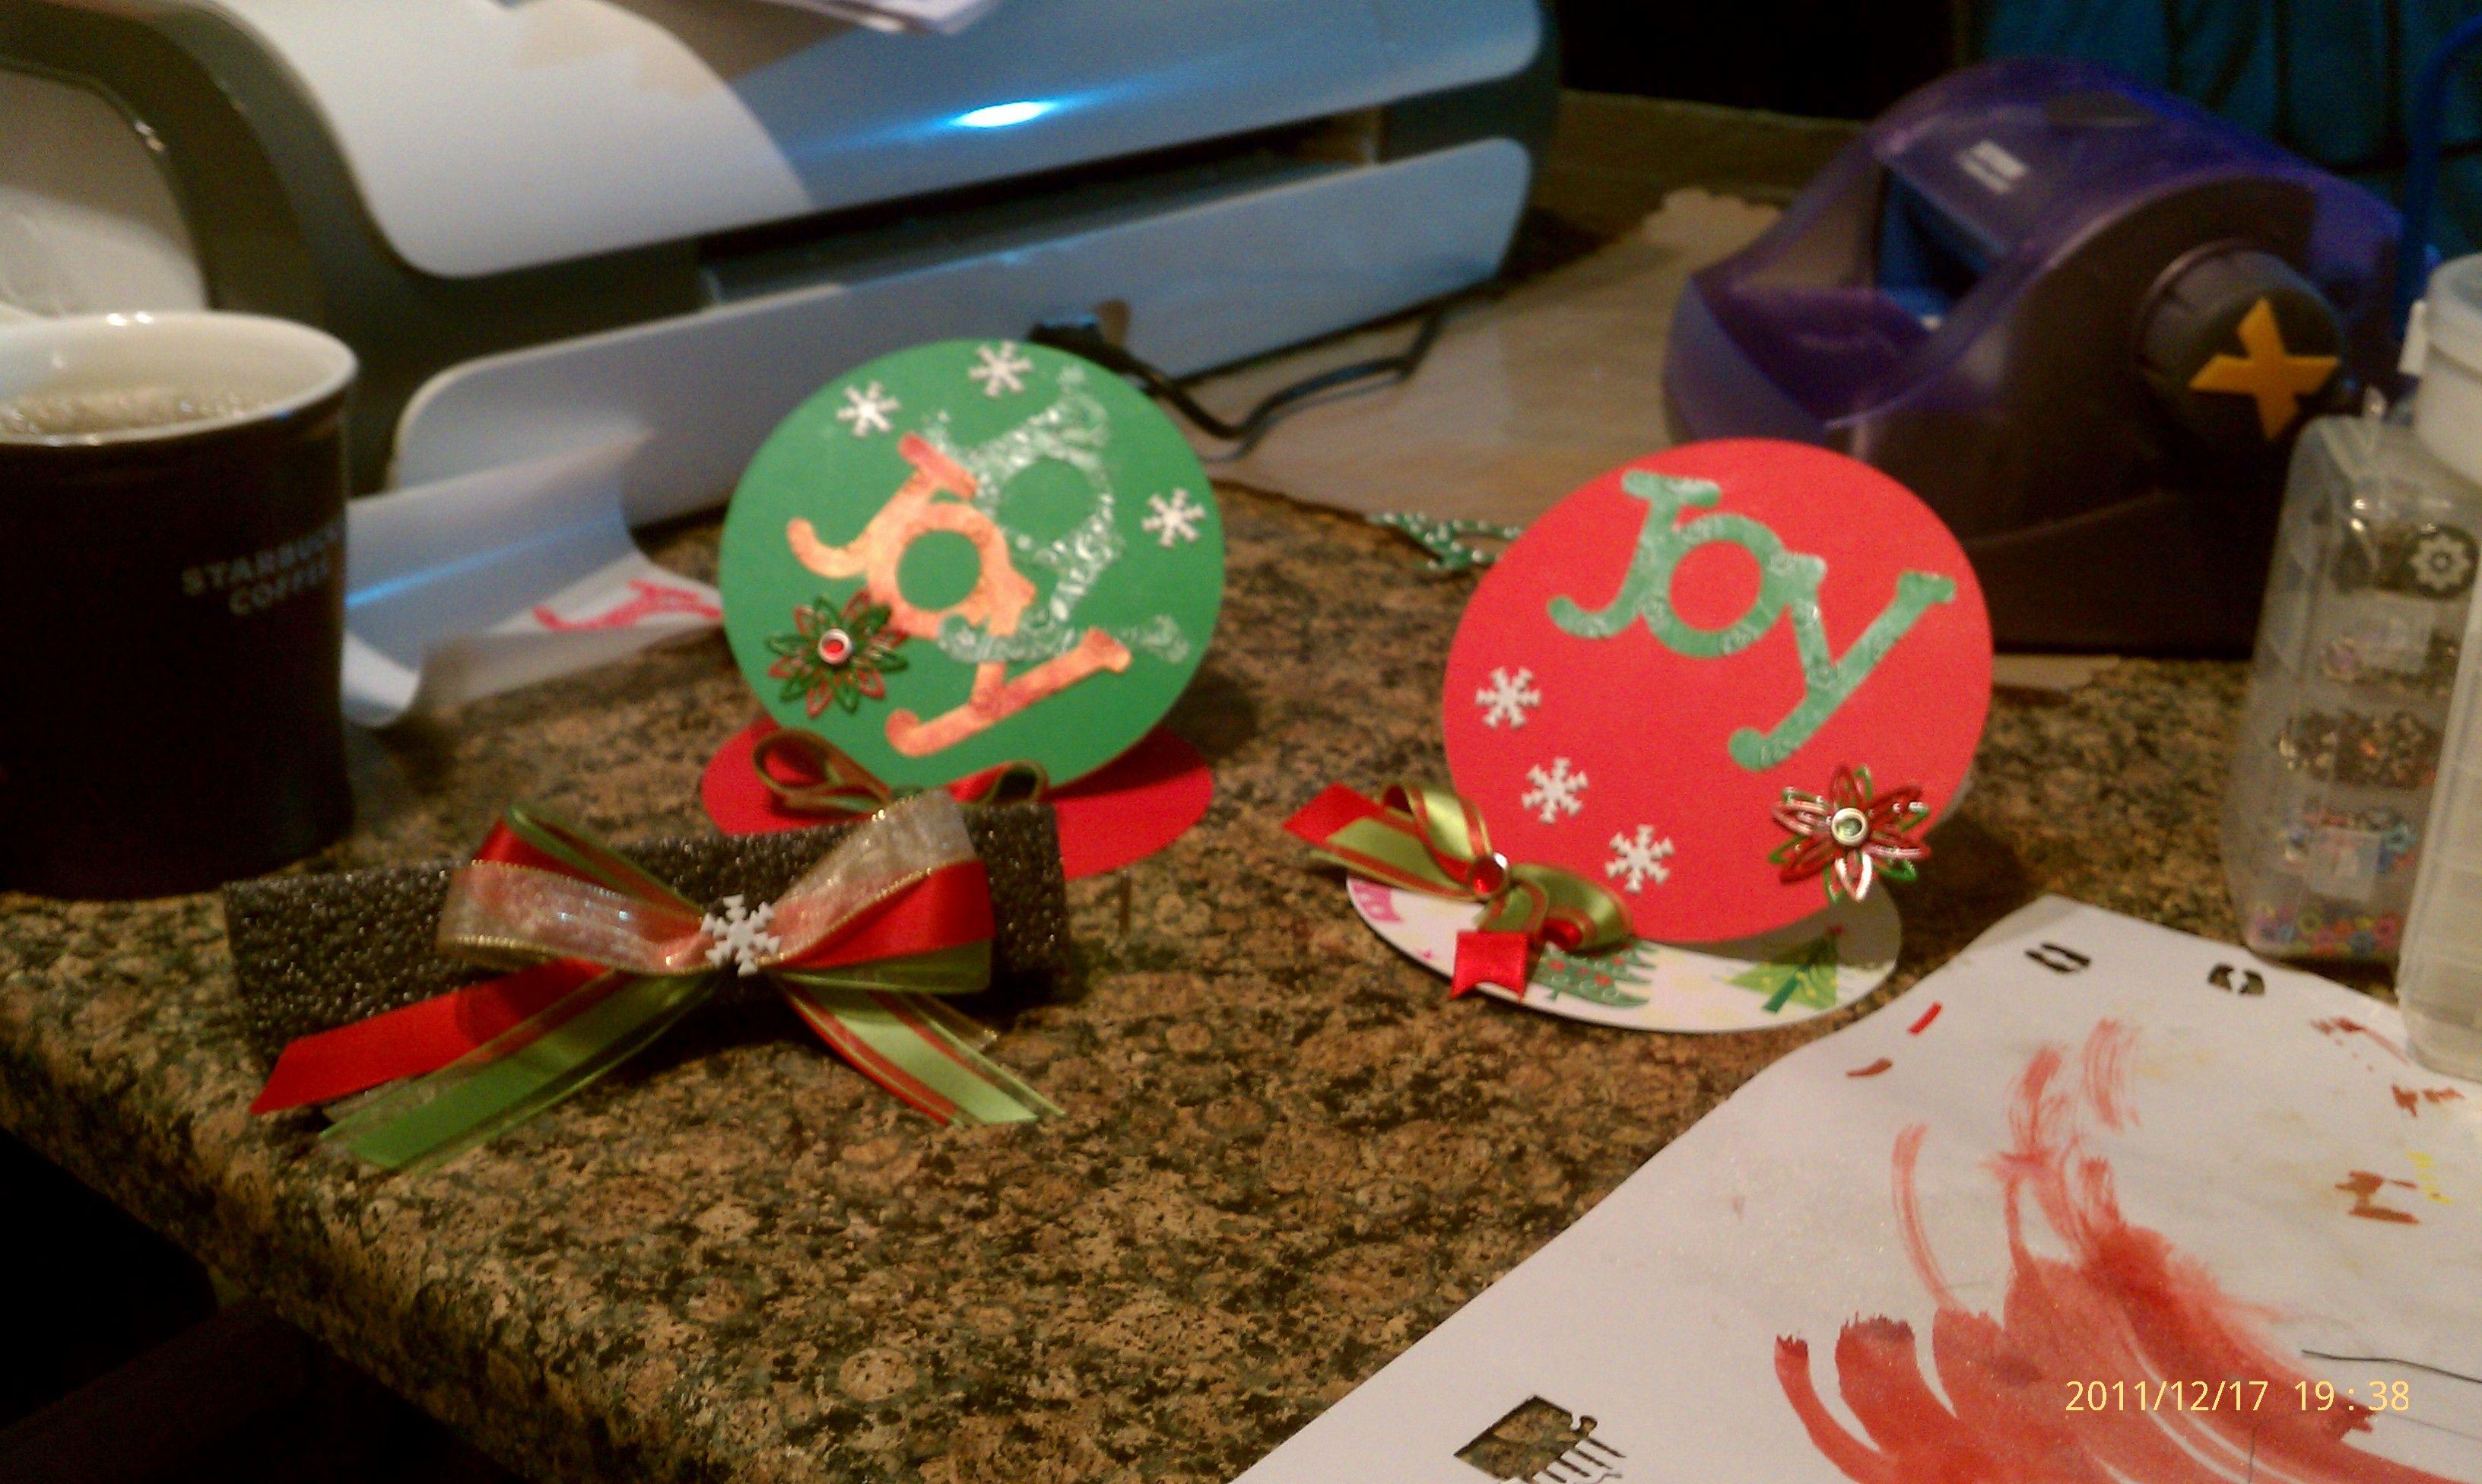 Christmas cards | Craft Ideas | Pinterest: pinterest.com/pin/5629568254057241